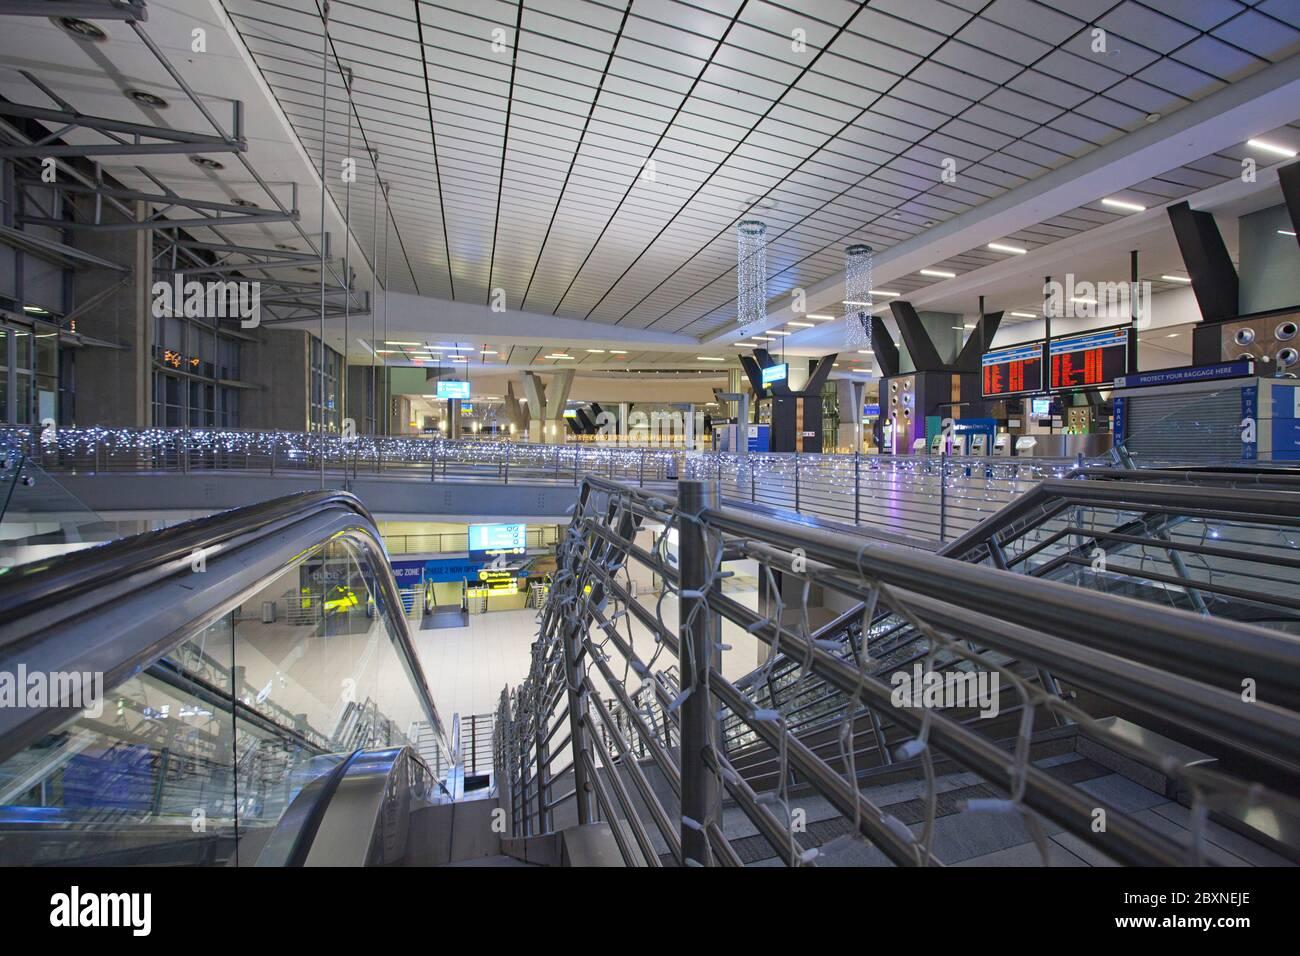 Escaleras mecánicas en el Aeropuerto Internacional O. R. Tambo. Foto de stock